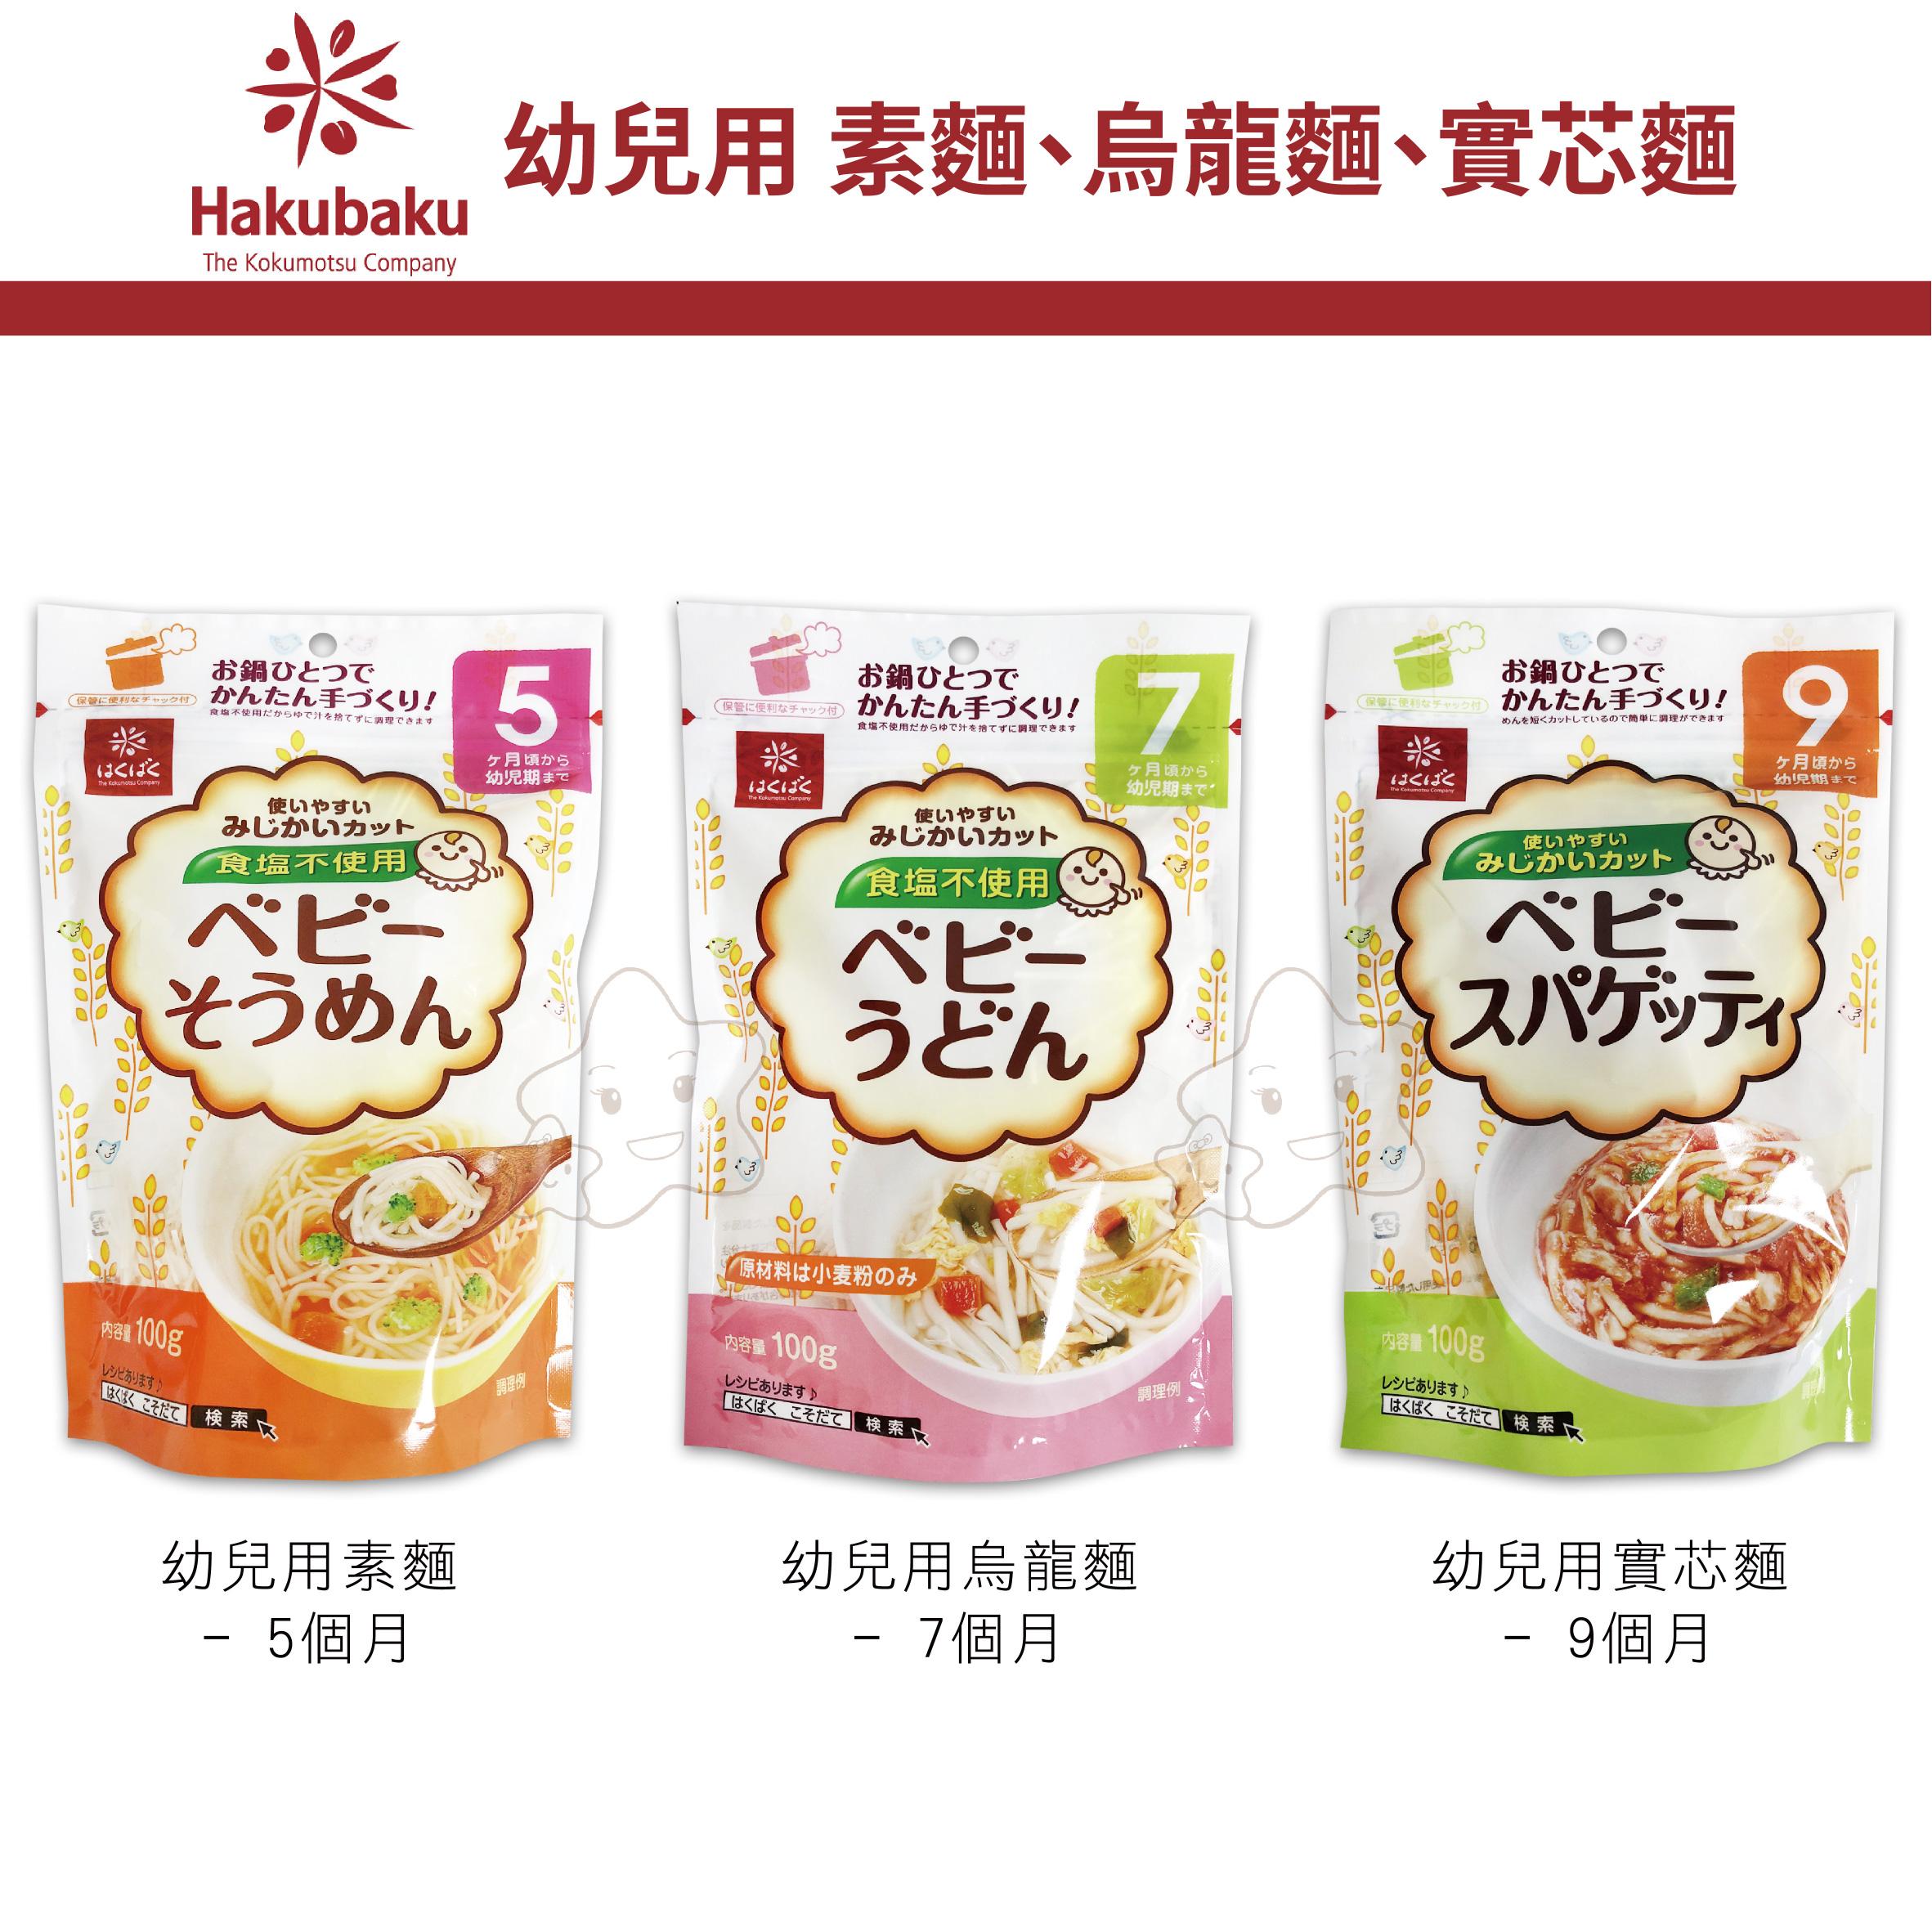 【大成婦嬰】日本Hakubaku 幼兒用 素麵(5個月齡)、烏龍麵(7個月齡)、實芯麵(9個月齡)